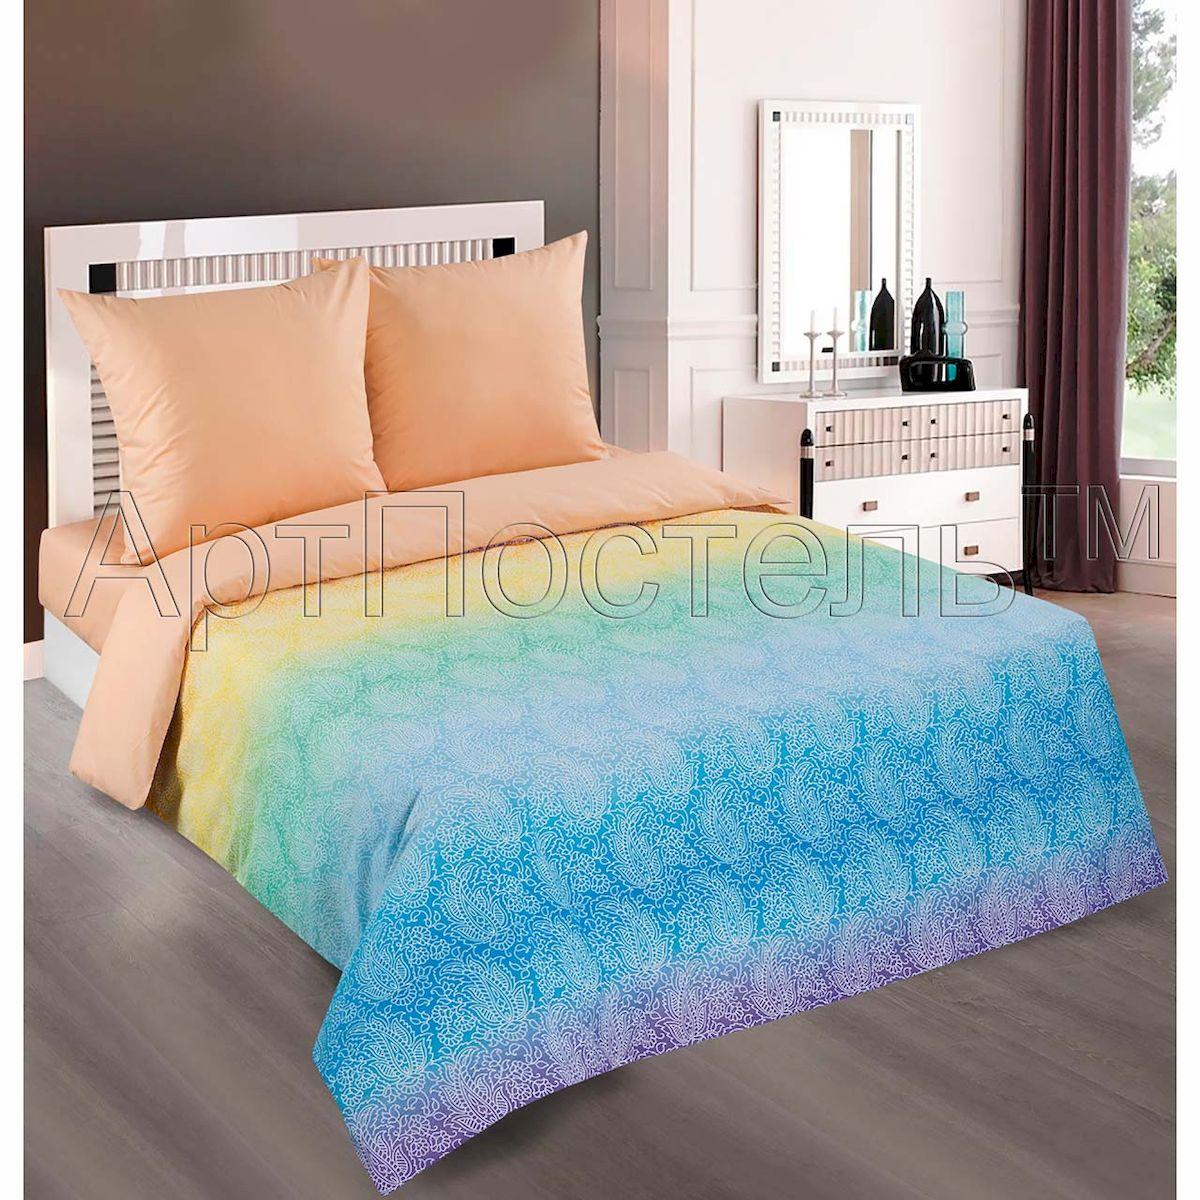 Комплект белья АртПостель Лазурь, 1,5 спальное, наволочки 70x70, цвет: персиковый. 900900